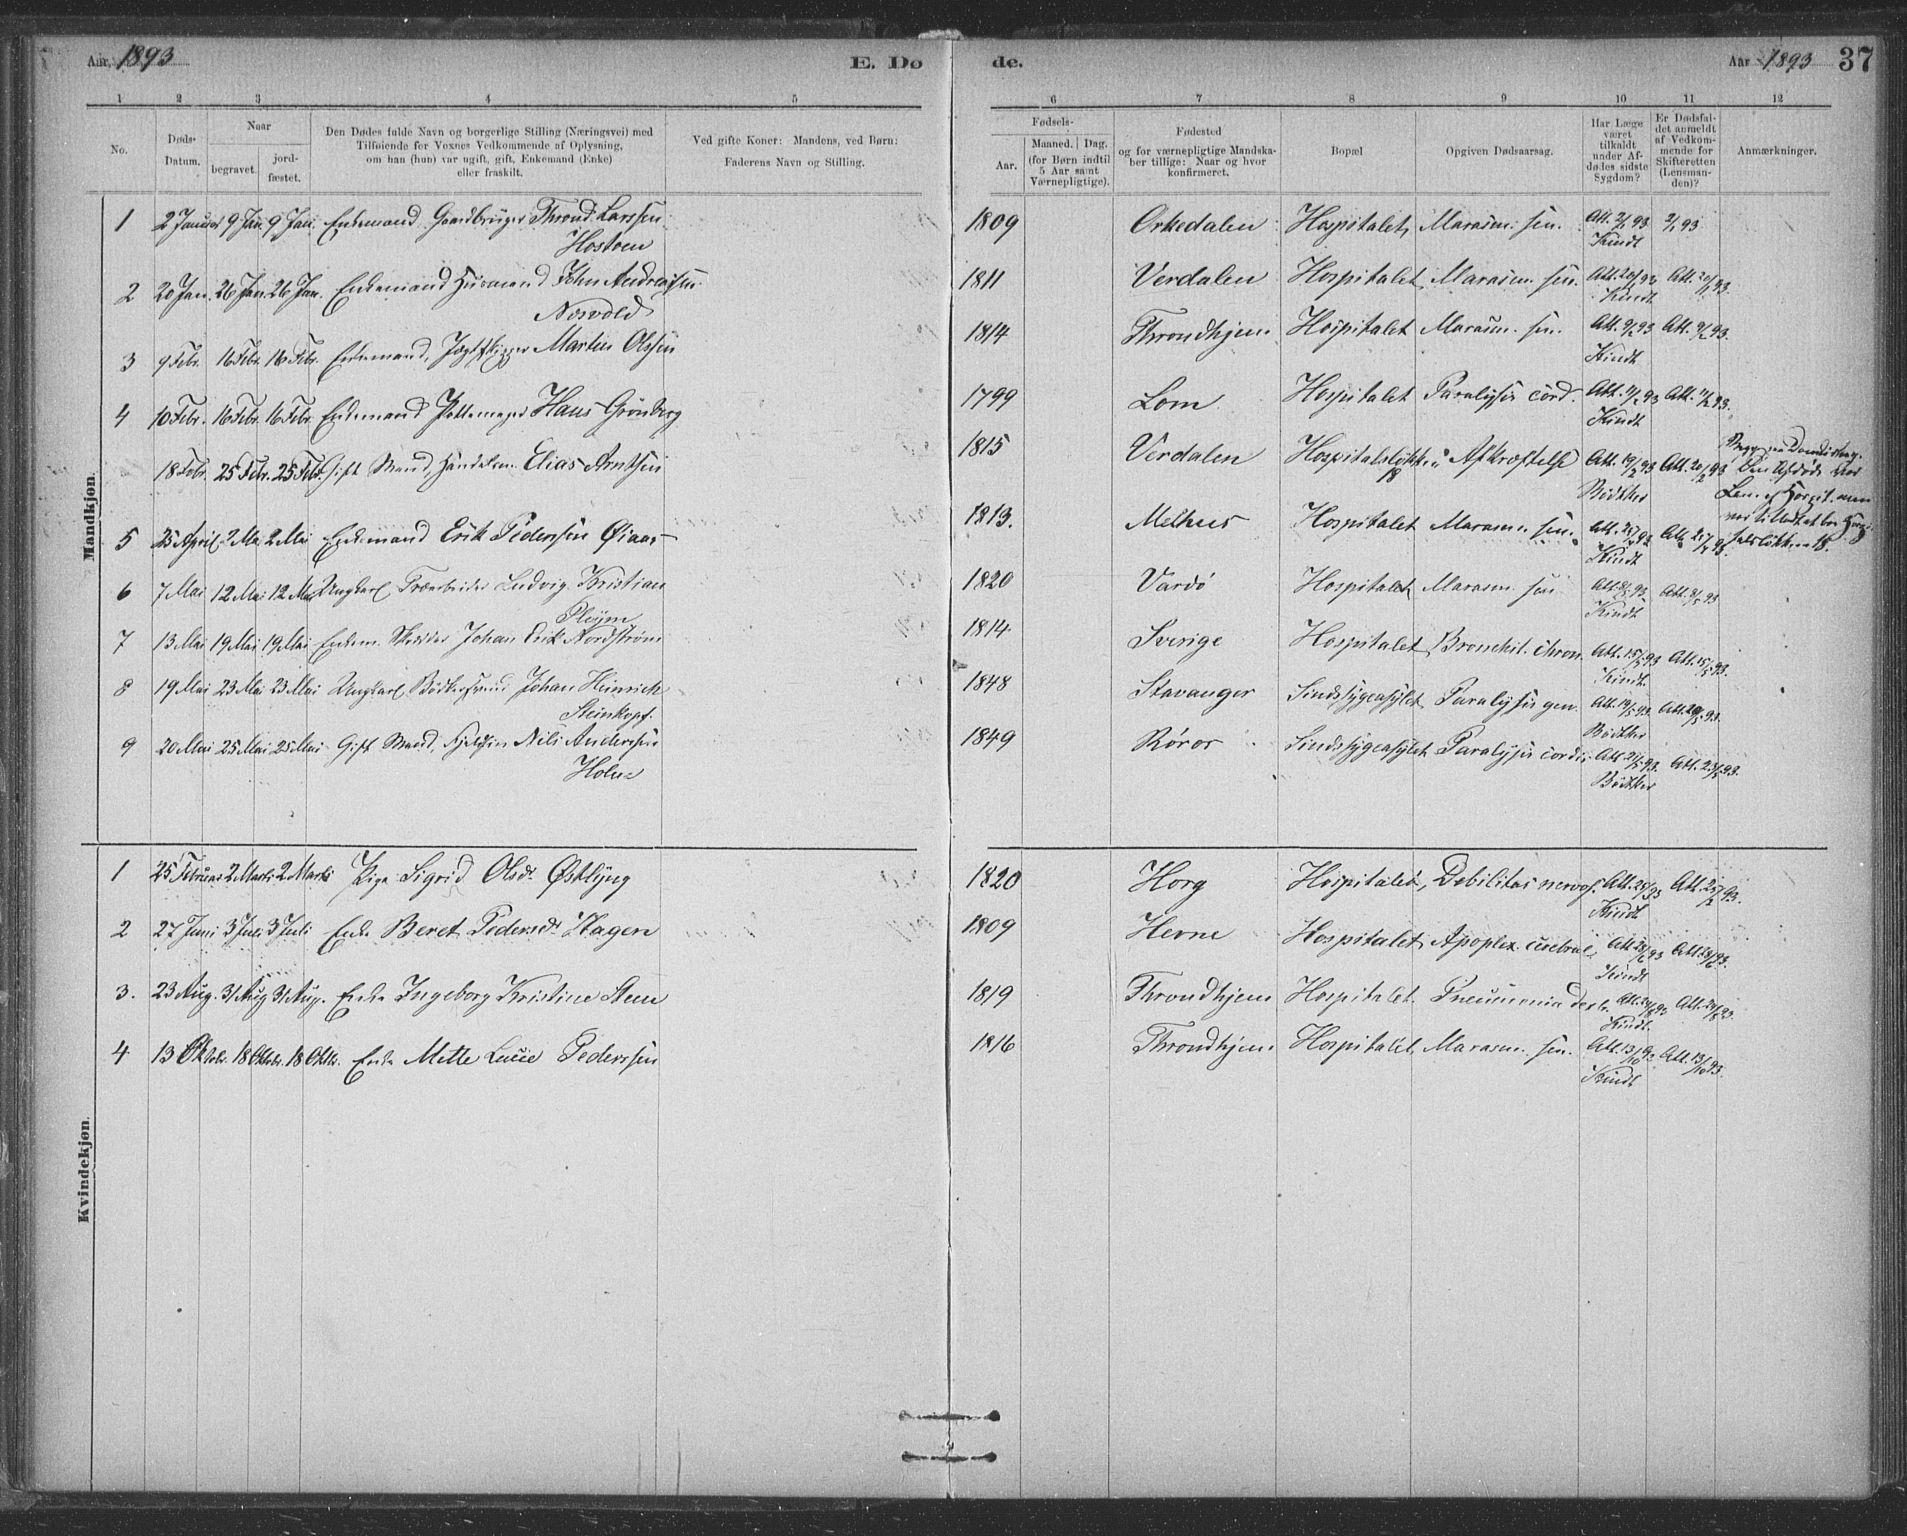 SAT, Ministerialprotokoller, klokkerbøker og fødselsregistre - Sør-Trøndelag, 623/L0470: Ministerialbok nr. 623A04, 1884-1938, s. 37